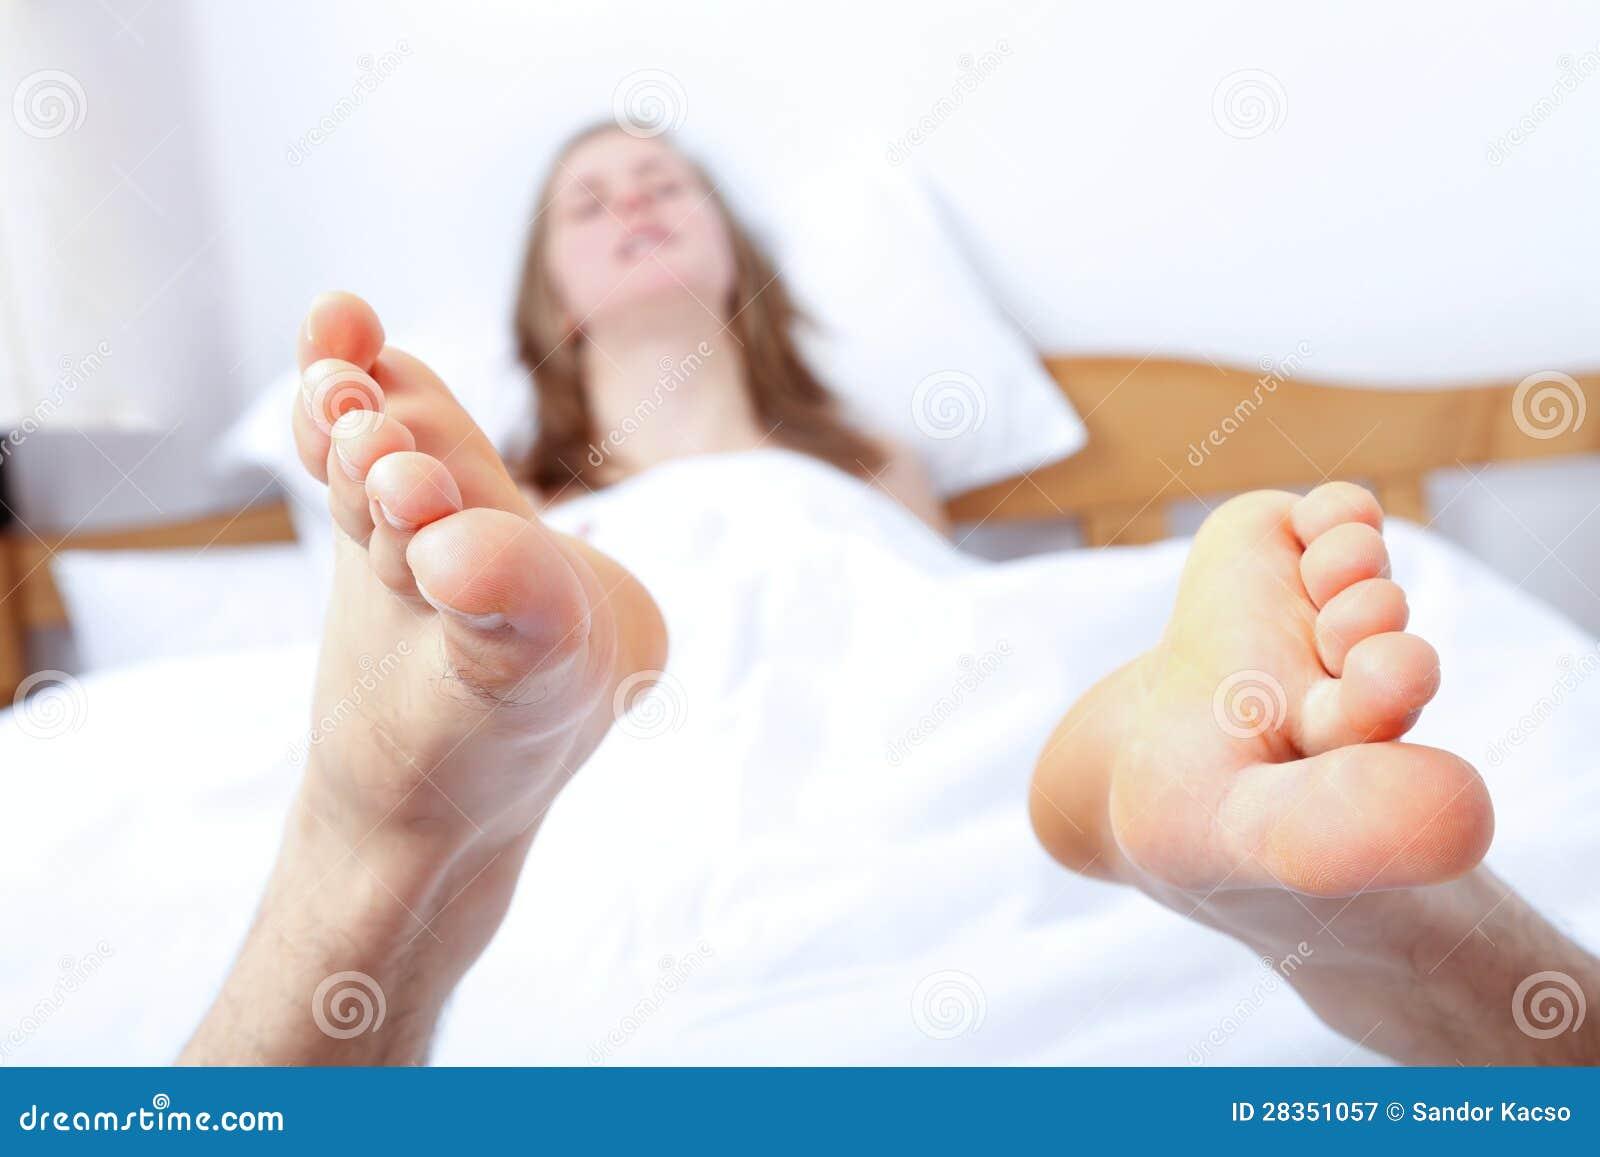 Enjoying oral sex